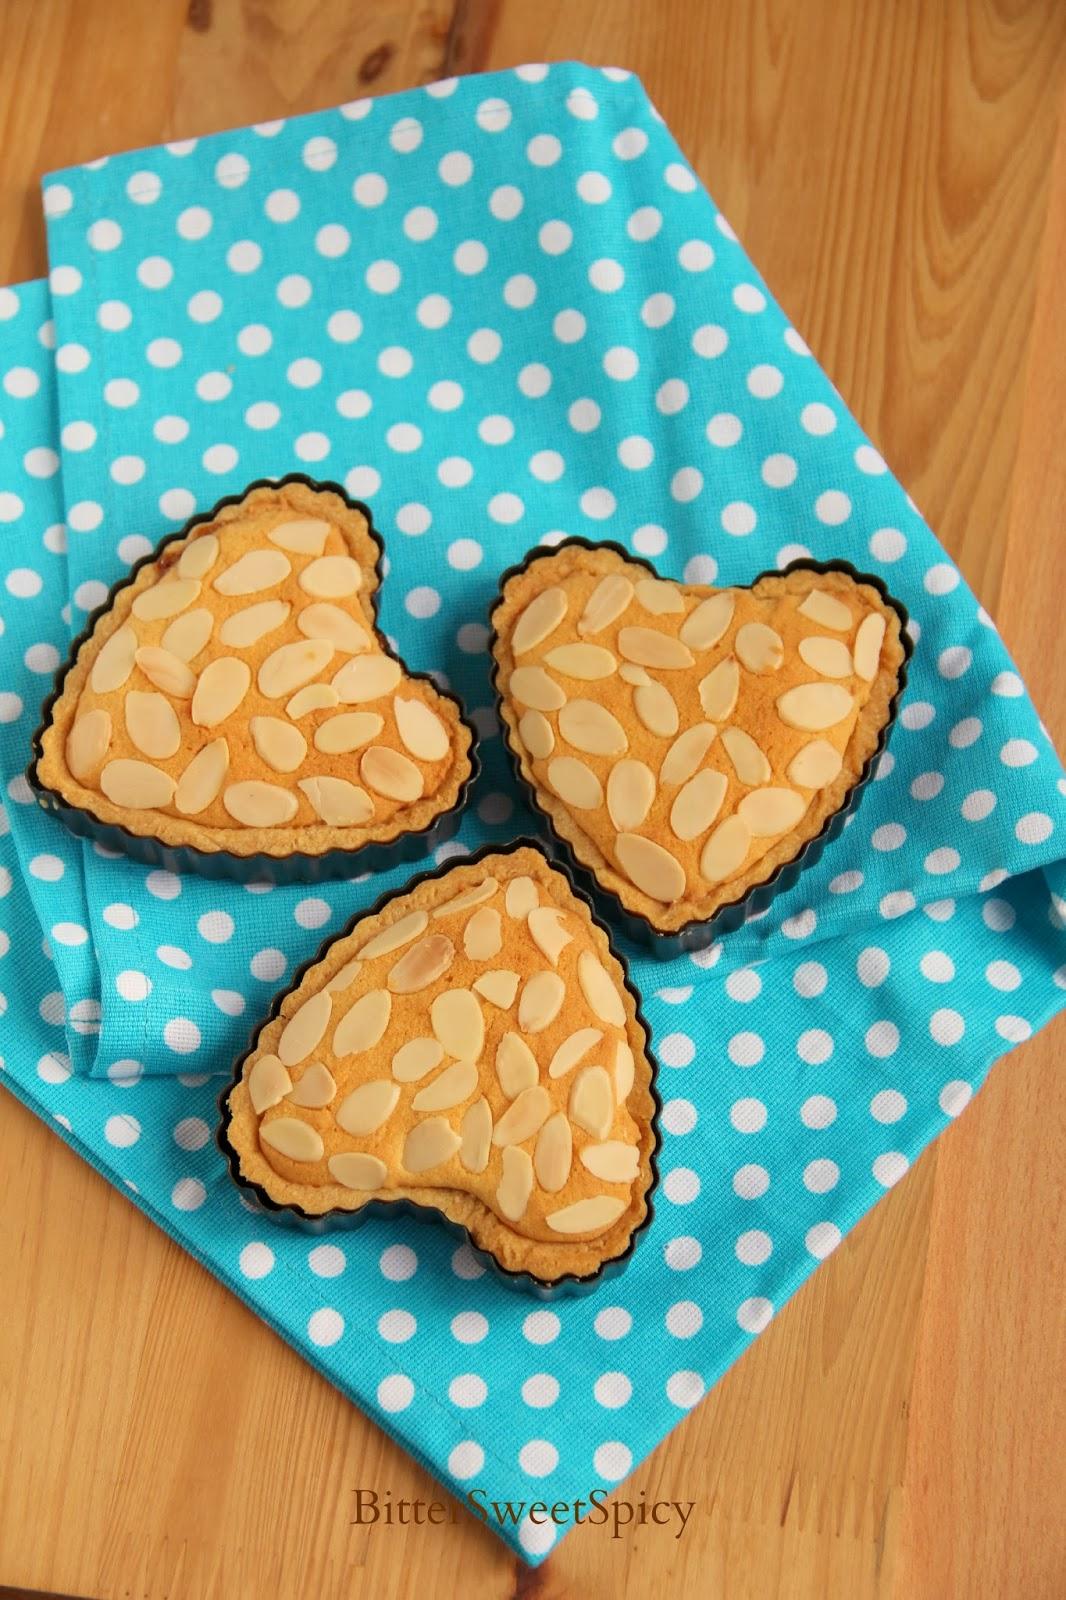 BitterSweetSpicy: Italian Almond Tart